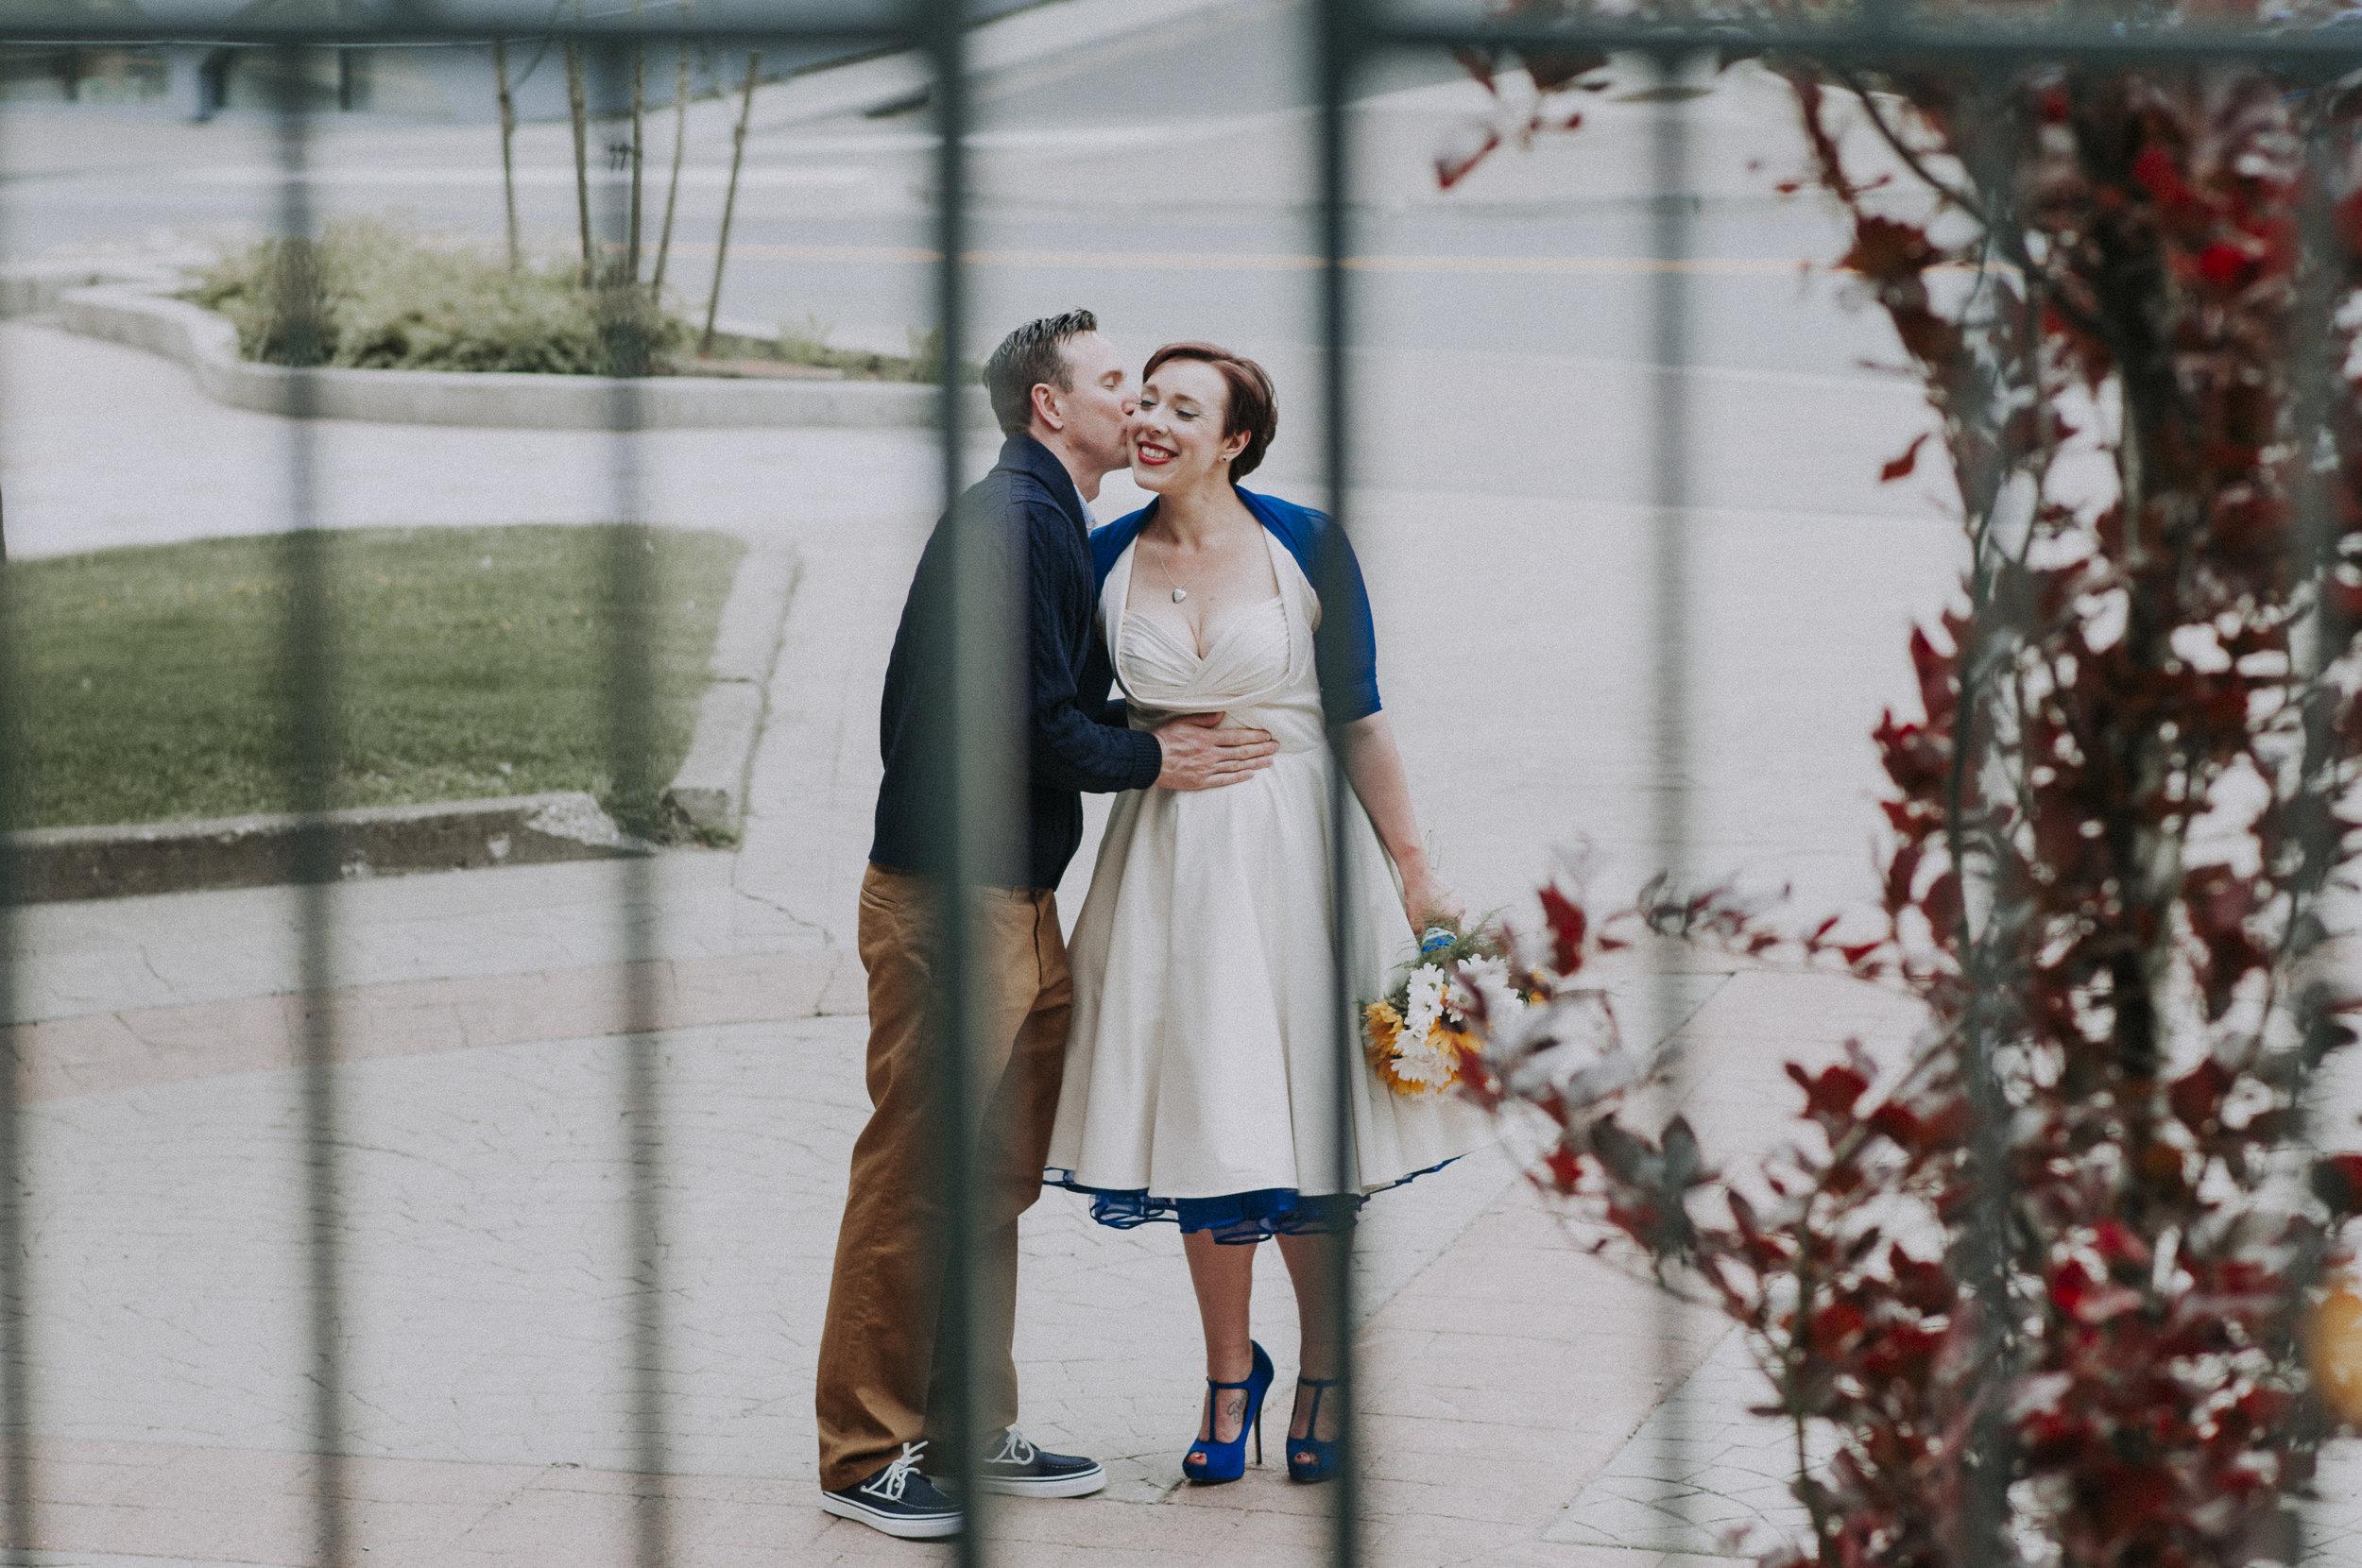 www.FlynnFotography.com